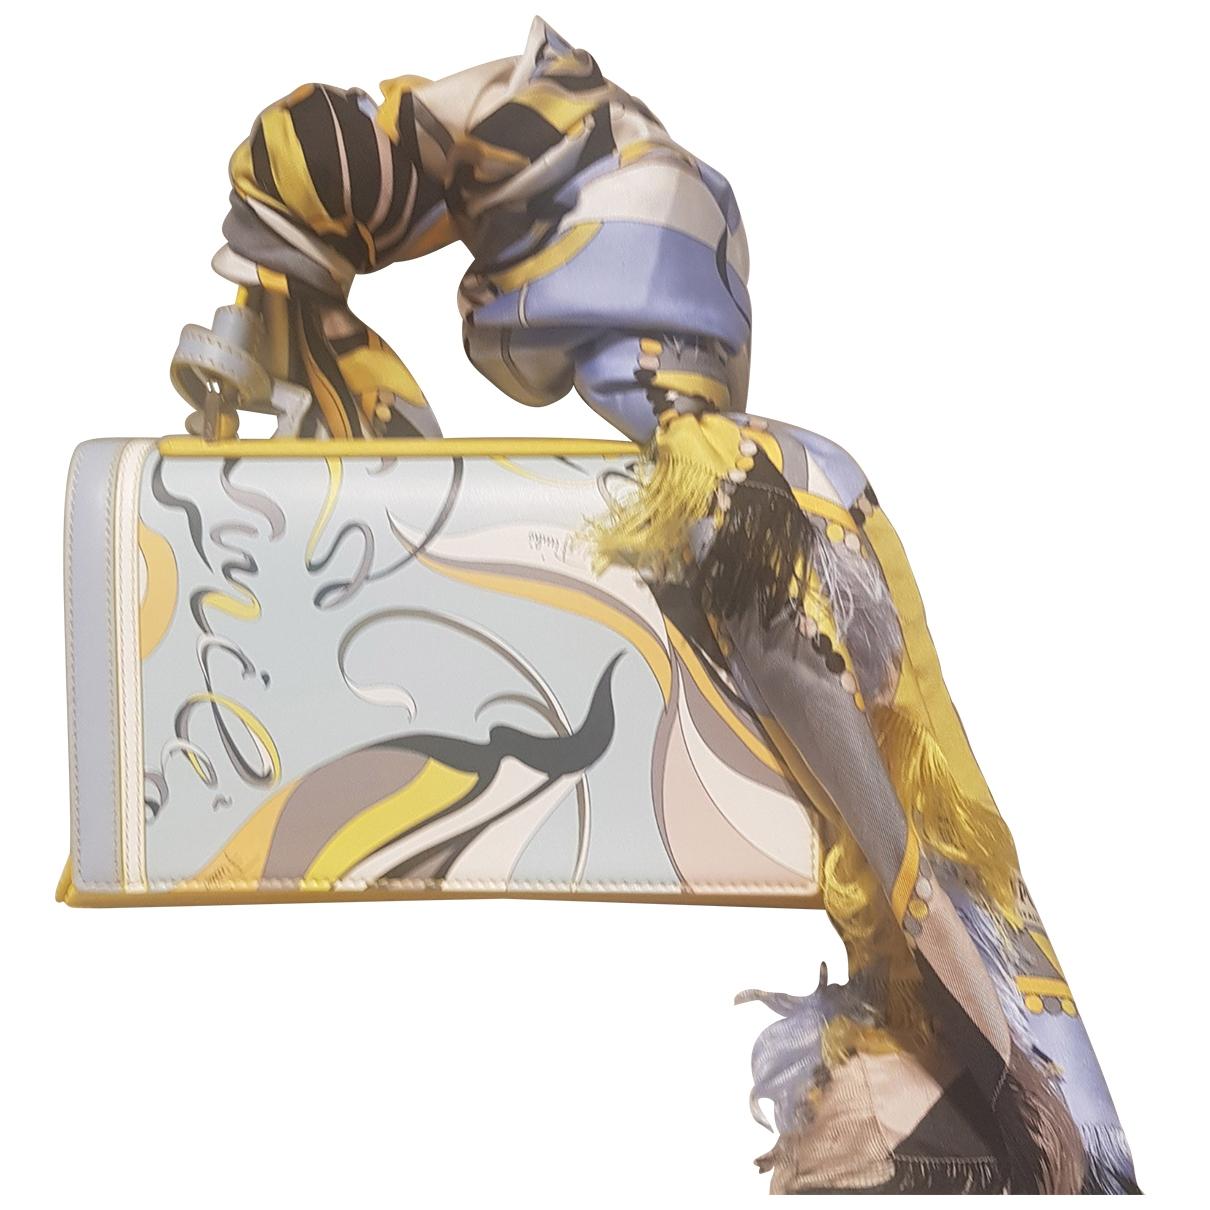 Emilio Pucci - Sac a main   pour femme en cuir - jaune